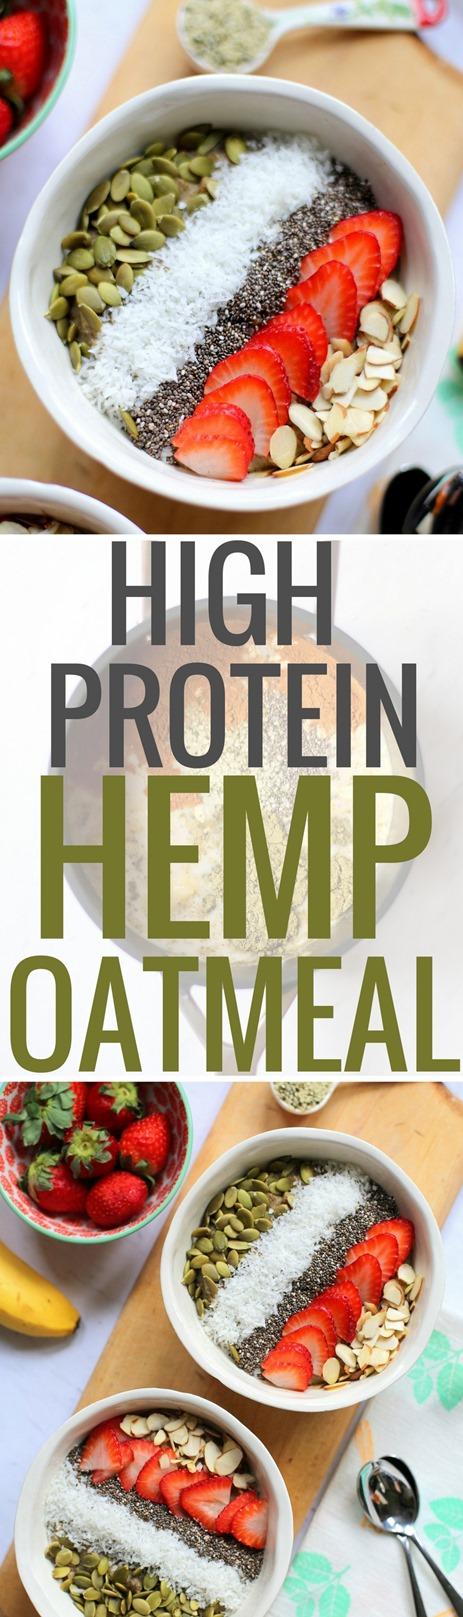 High Protein Hemp Oatmeal